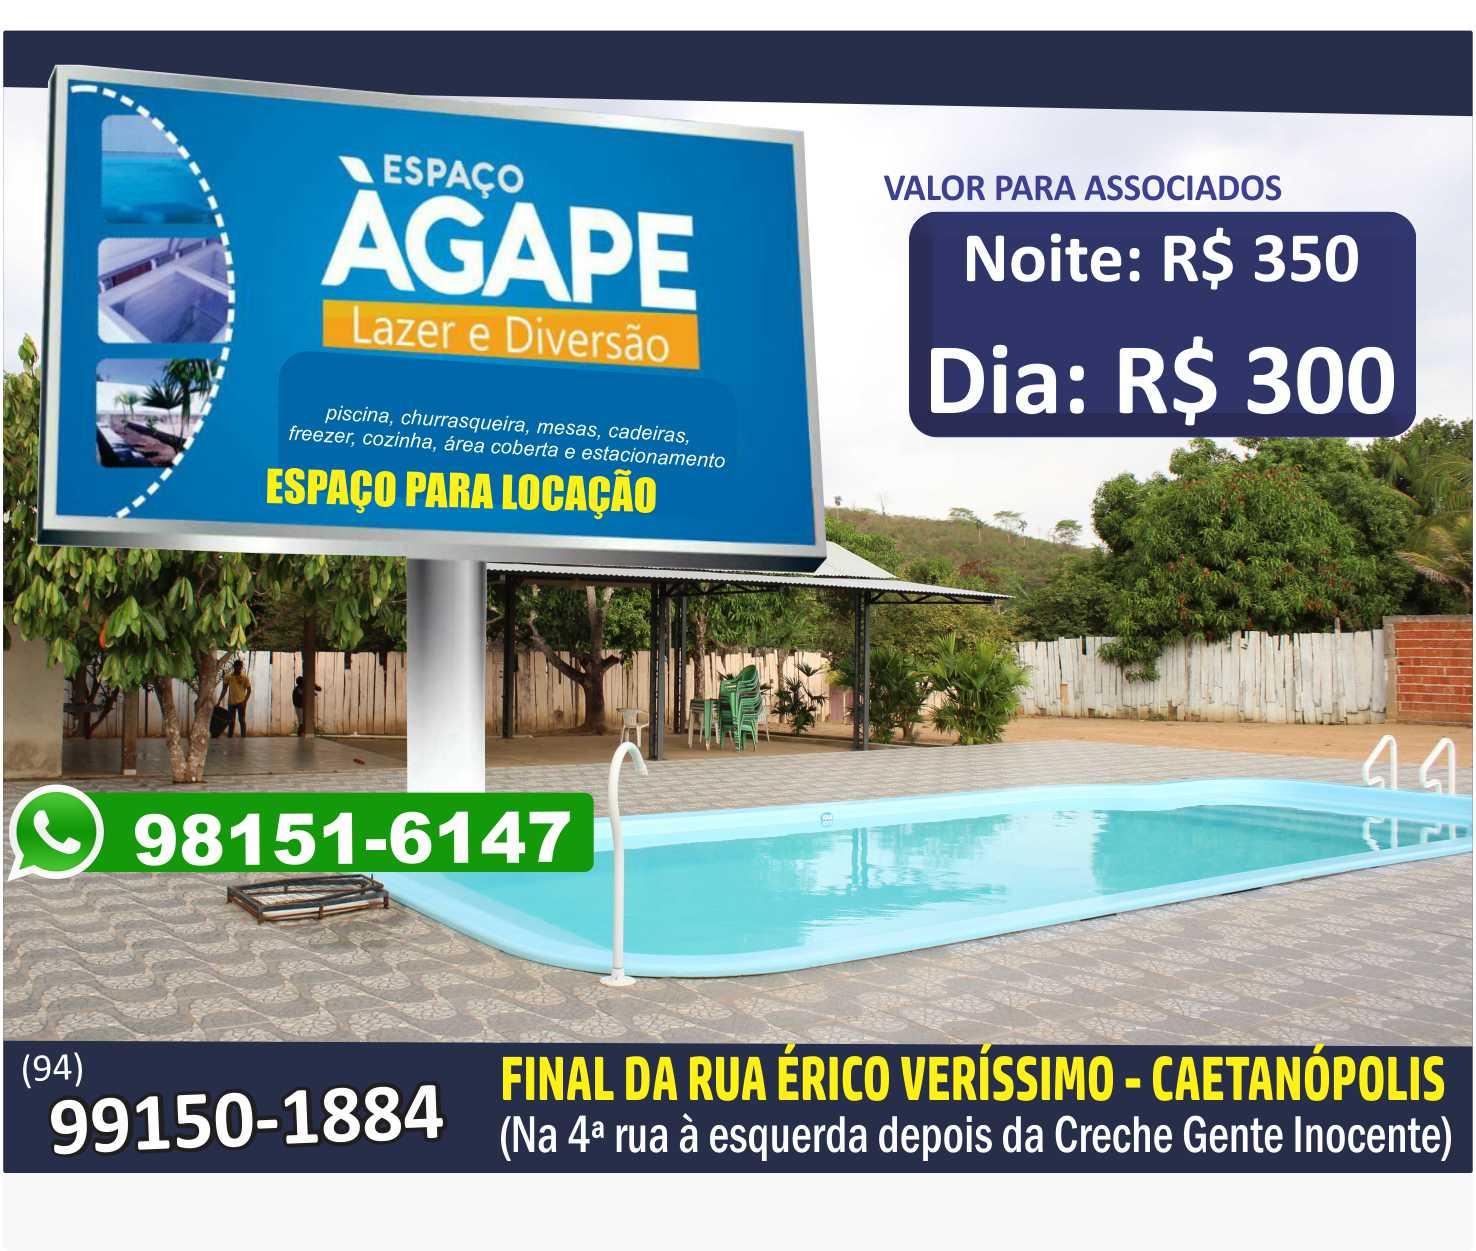 ESPAÇO ÁGAPE